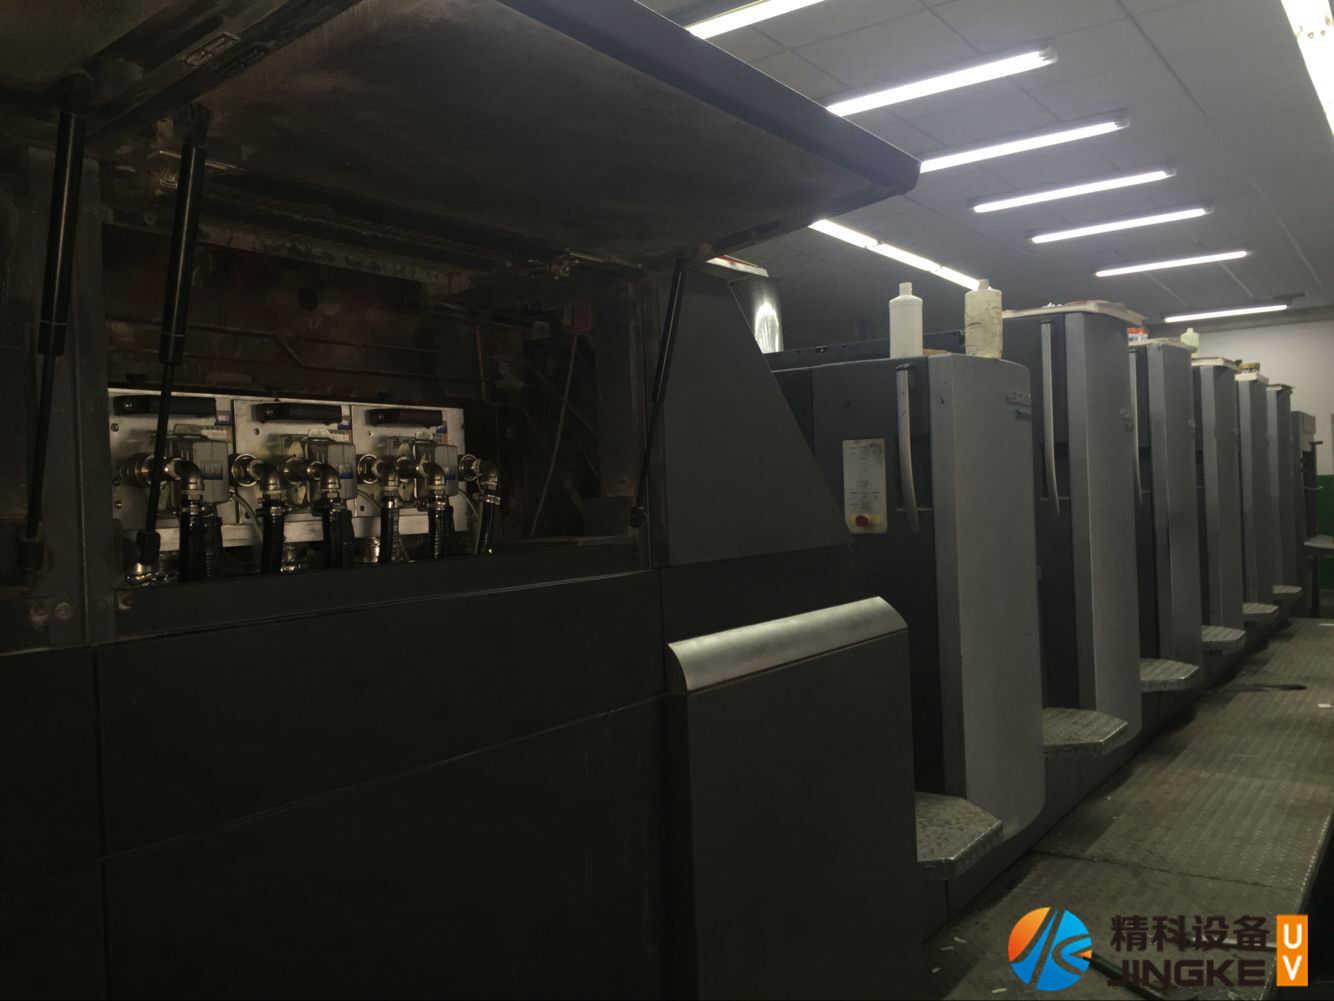 海德堡CD102胶印机加装UV设备